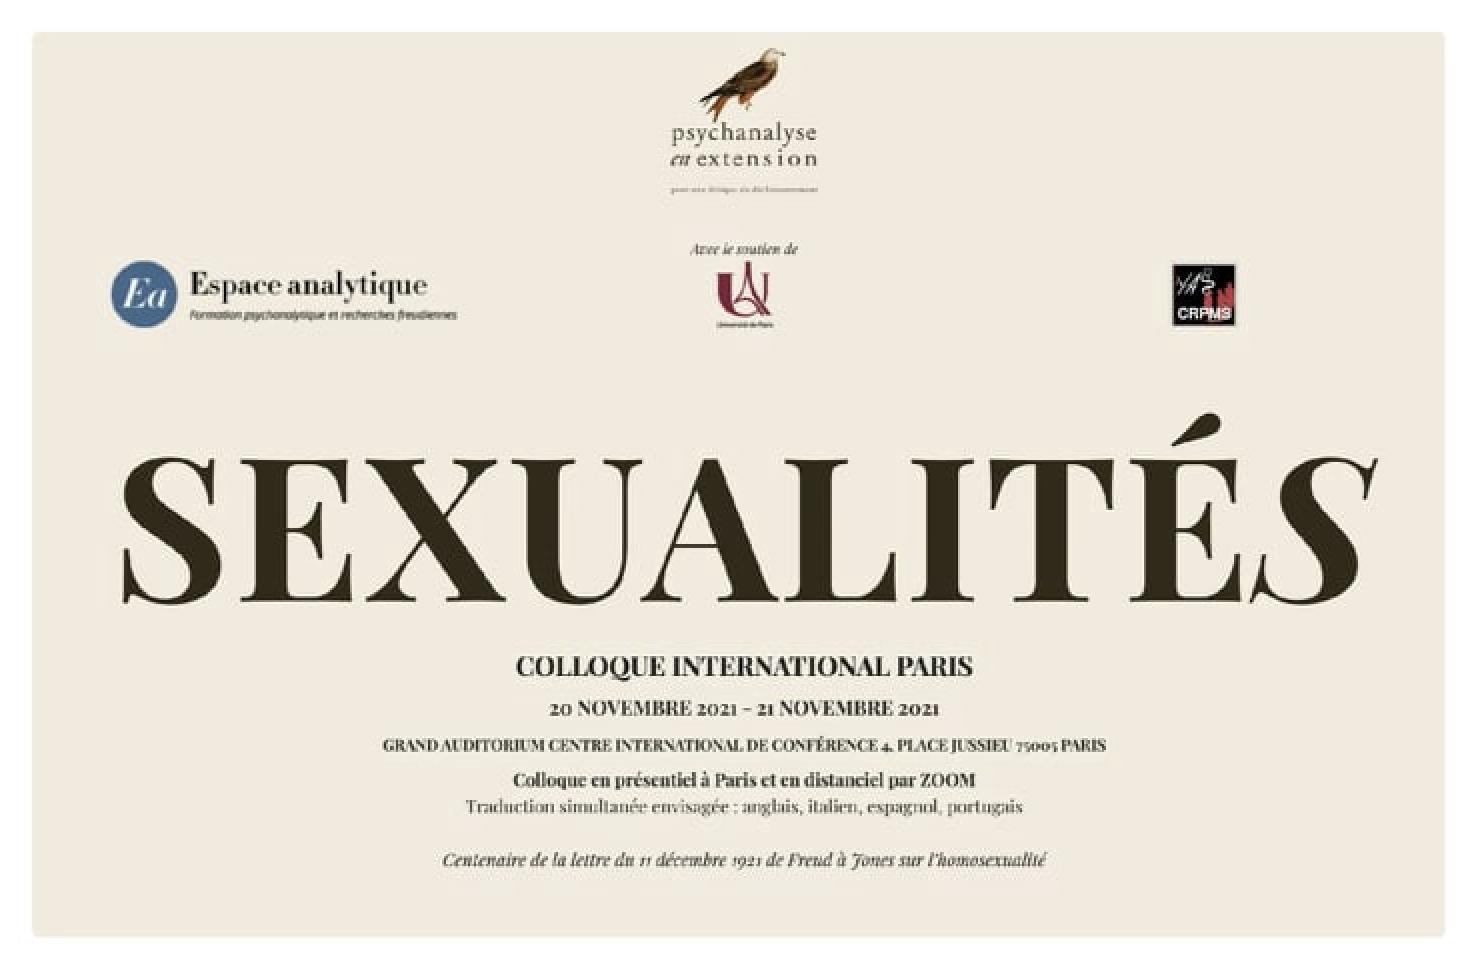 SEXUALITÉ(S) - COLLOQUE INTERNATIONAL PARIS - WE DU 20 NOVEMBRE 2021